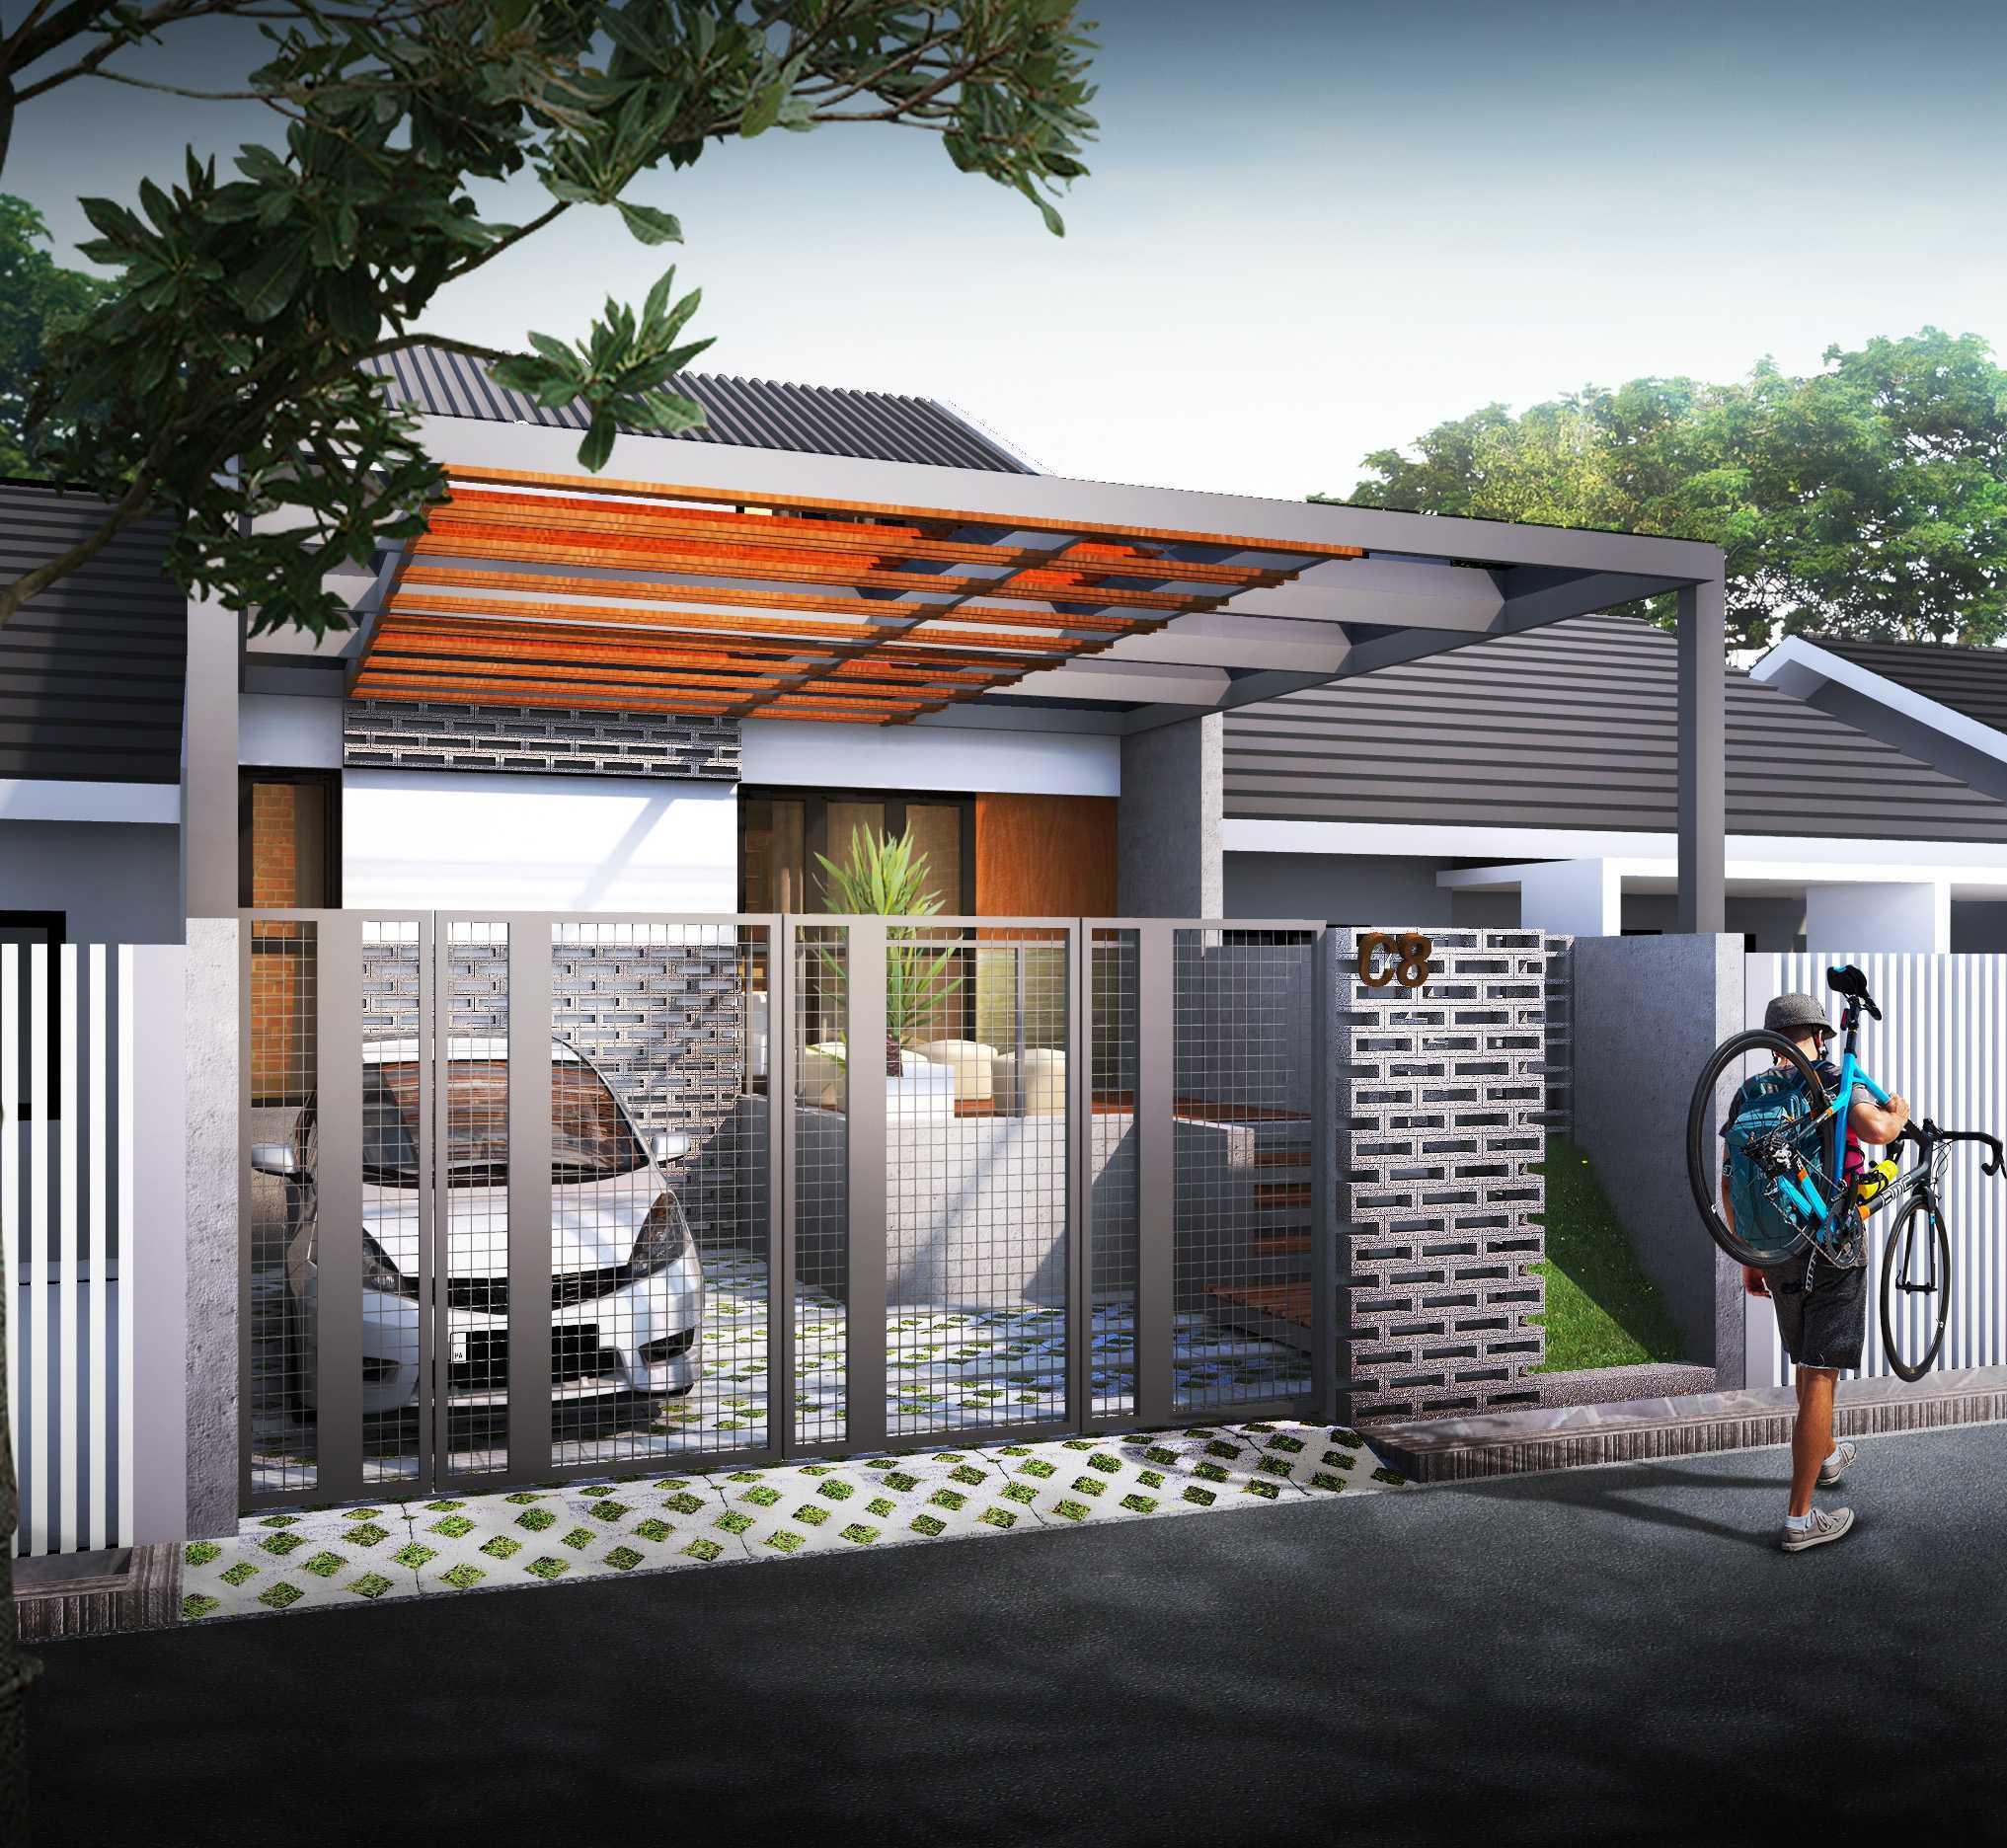 Gubah Ruang Pm-House Bandung, Kota Bandung, Jawa Barat, Indonesia Bandung, Kota Bandung, Jawa Barat, Indonesia Exterior View Minimalist  50907